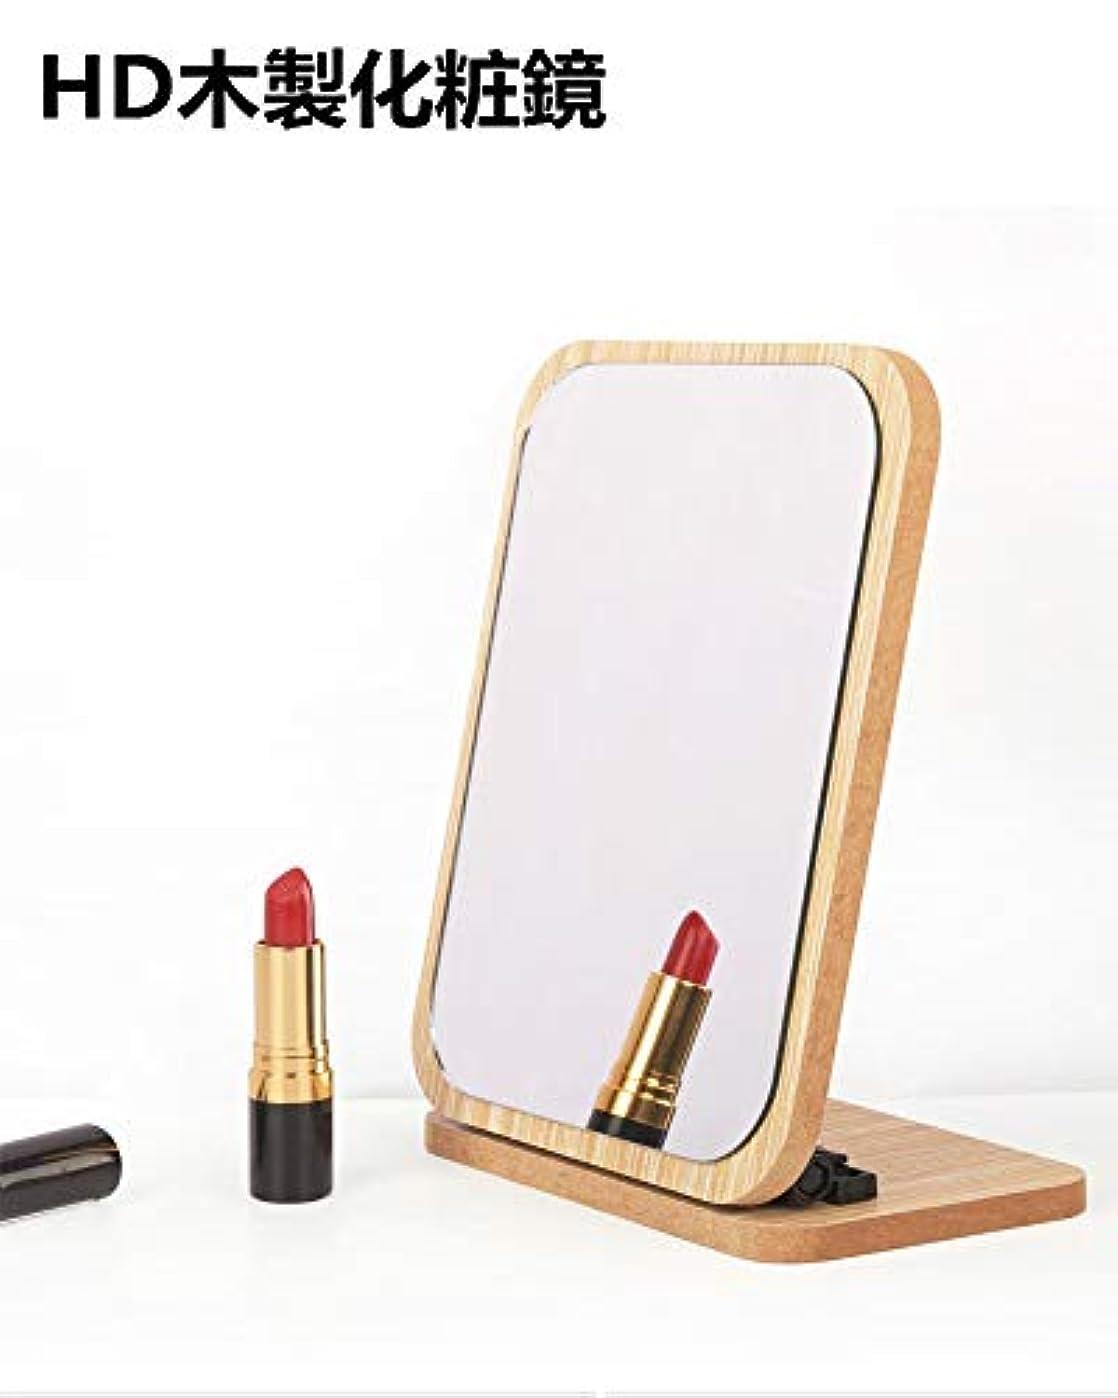 崩壊クリーナー雪鏡 卓上 化粧鏡 ウッドスタンドミラー 木目 HD木製化粧鏡 90度回転 角度調整 折りたたみ式